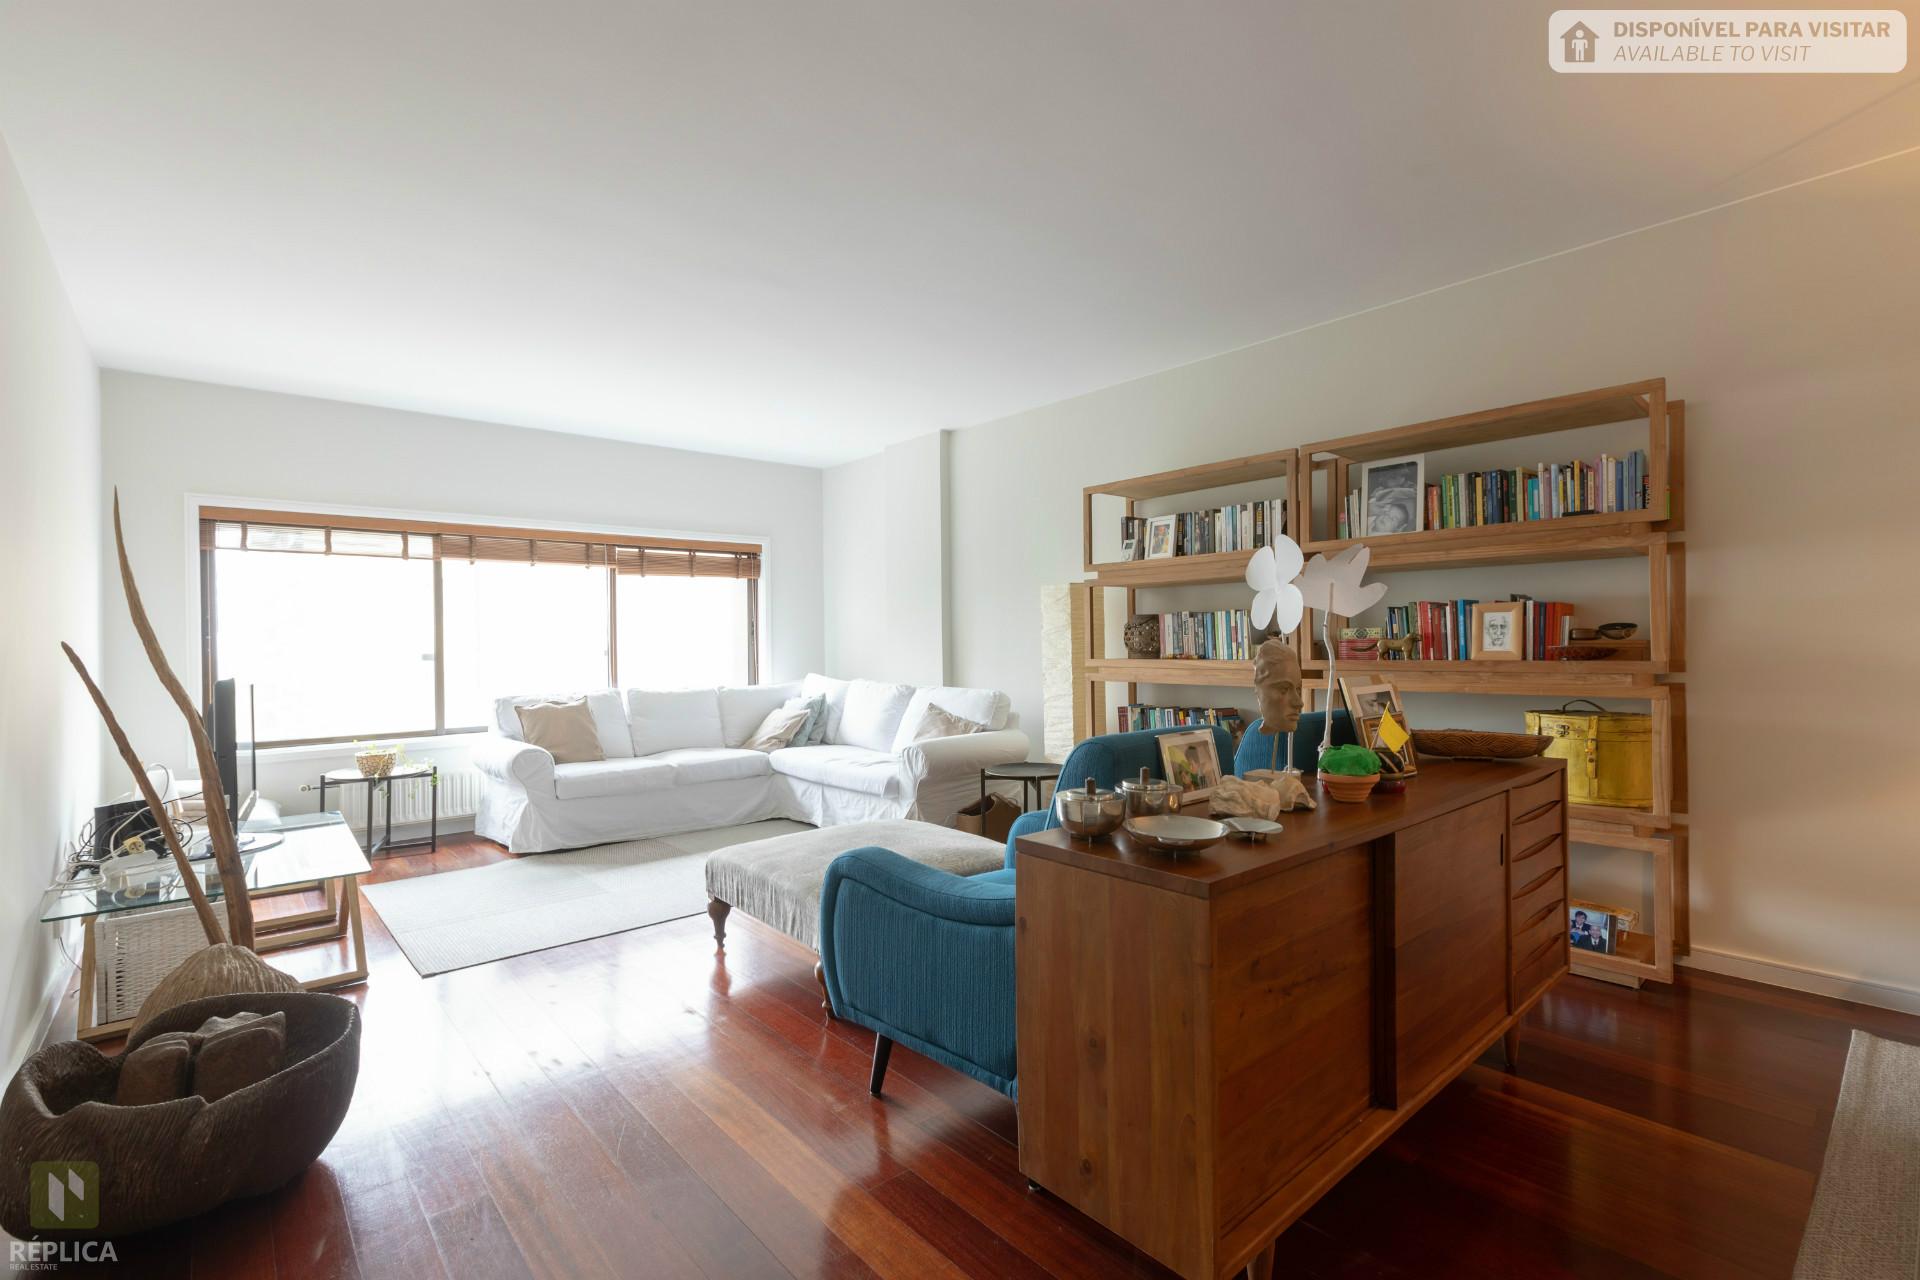 Apartamento T3 Remodelado - Matosinhos Sul